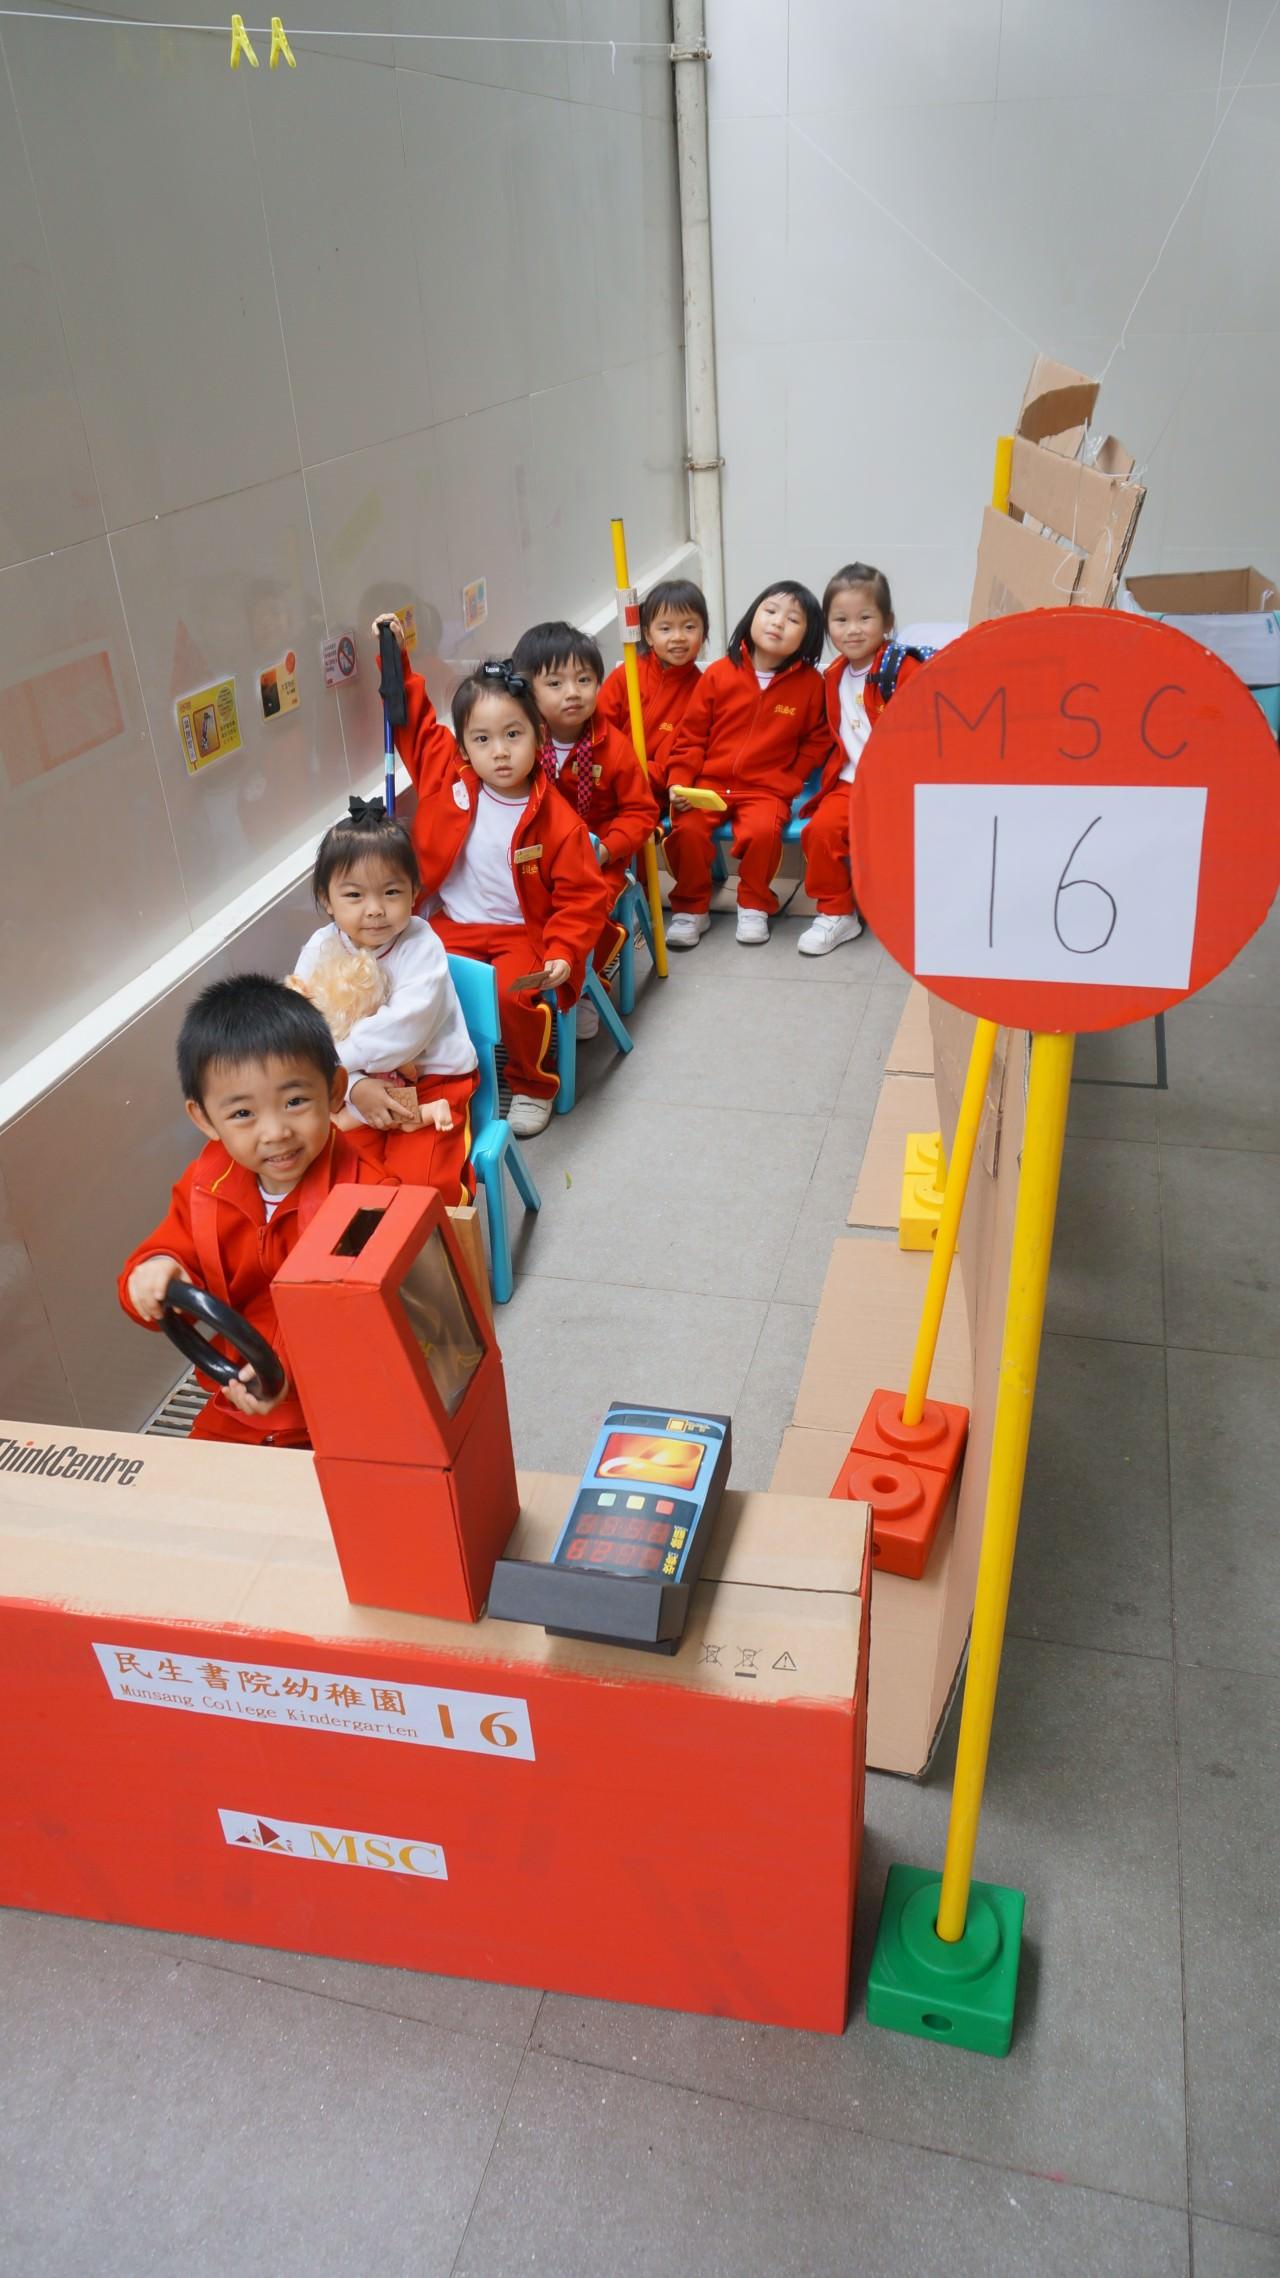 【幼稚園面試】民生幼稚園12,3人爭一學位 面試要認英文,數字|香港01|親子|